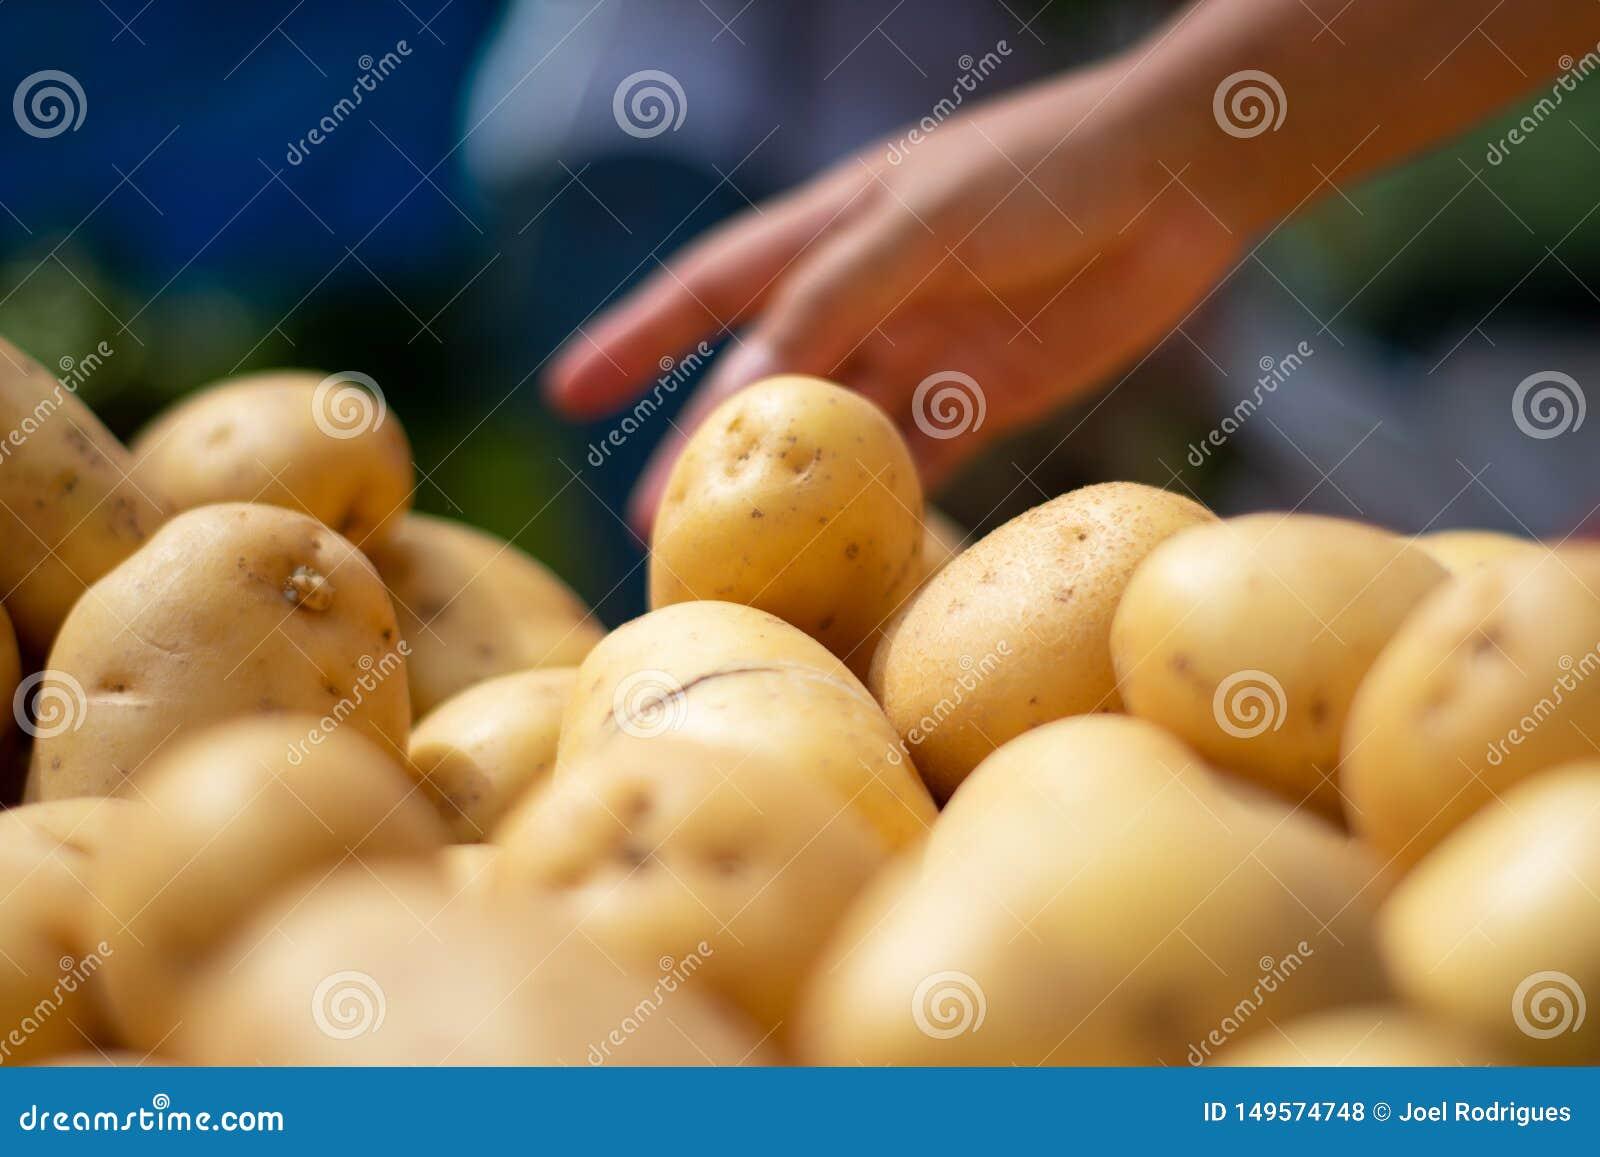 Patata de la cosecha de la mano de la pila del mercado